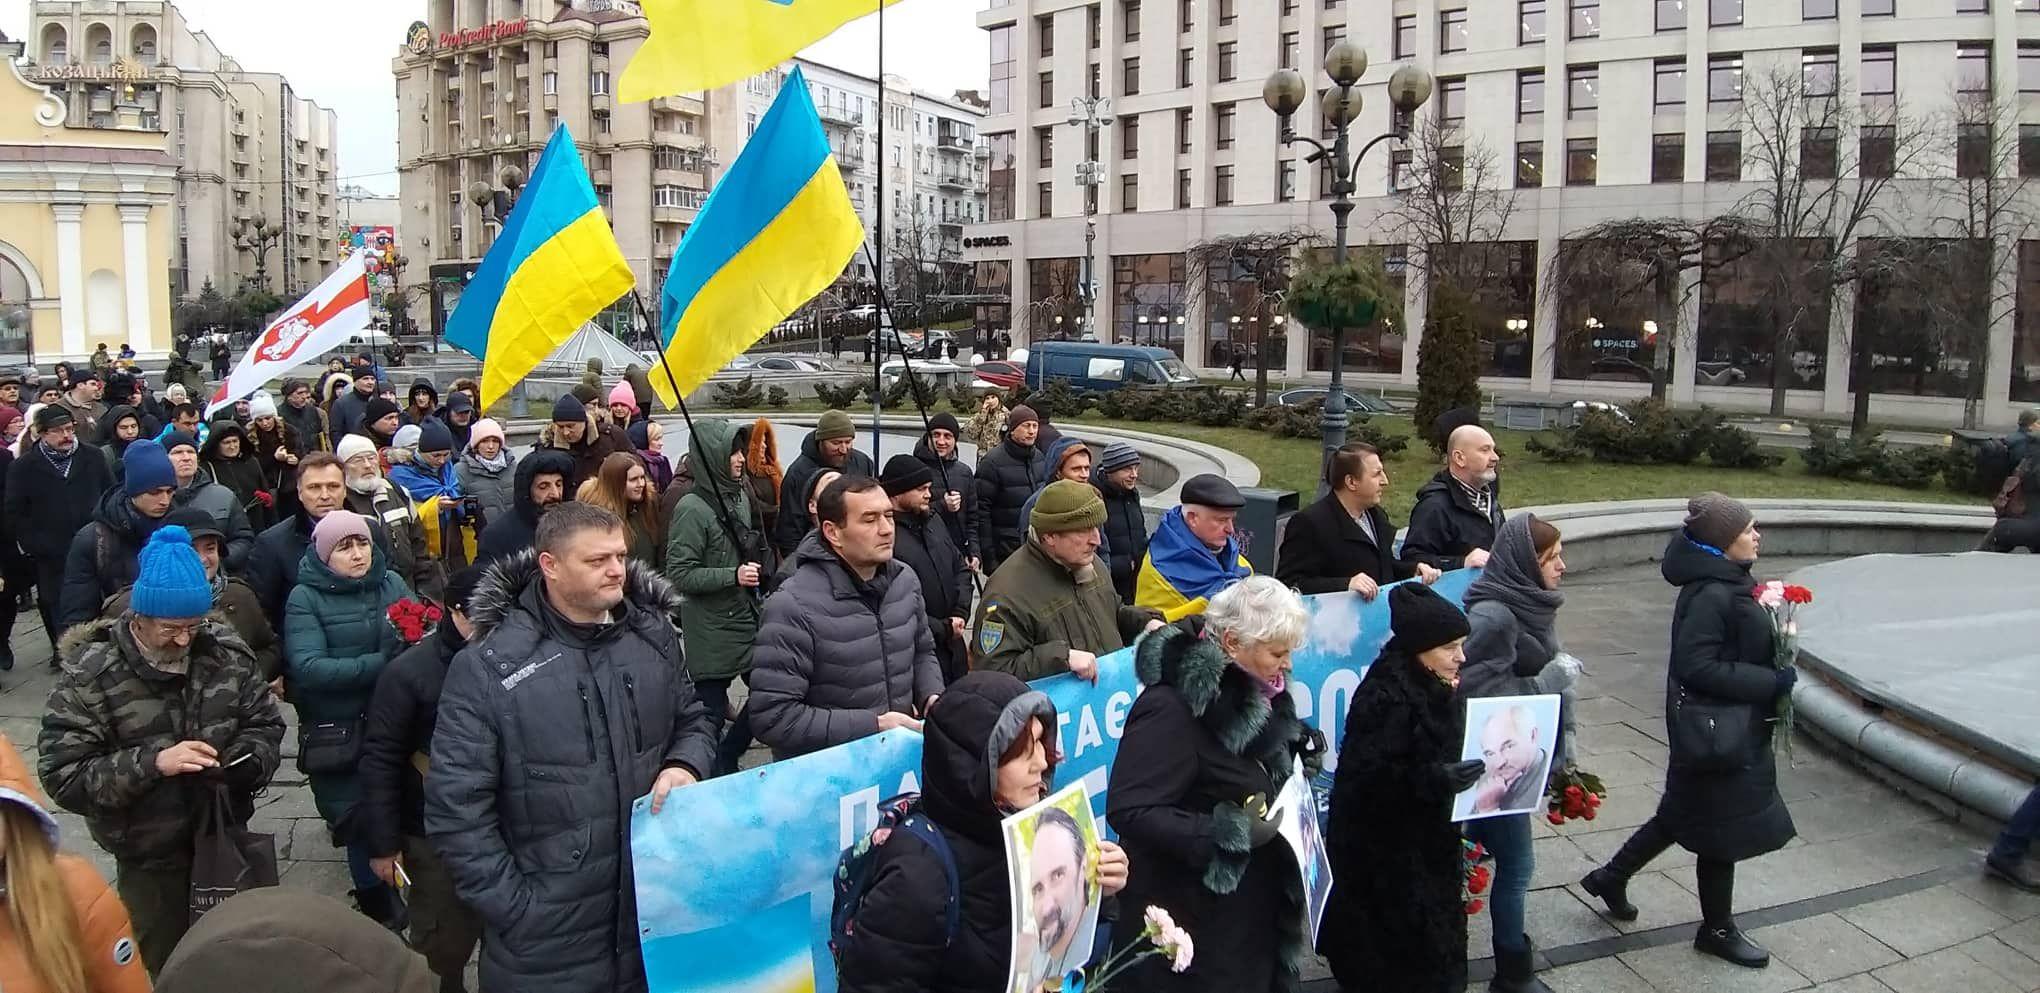 Небесна Сотня Революція Гідності Київ вшанування пам'яті 22 січня 2020 року